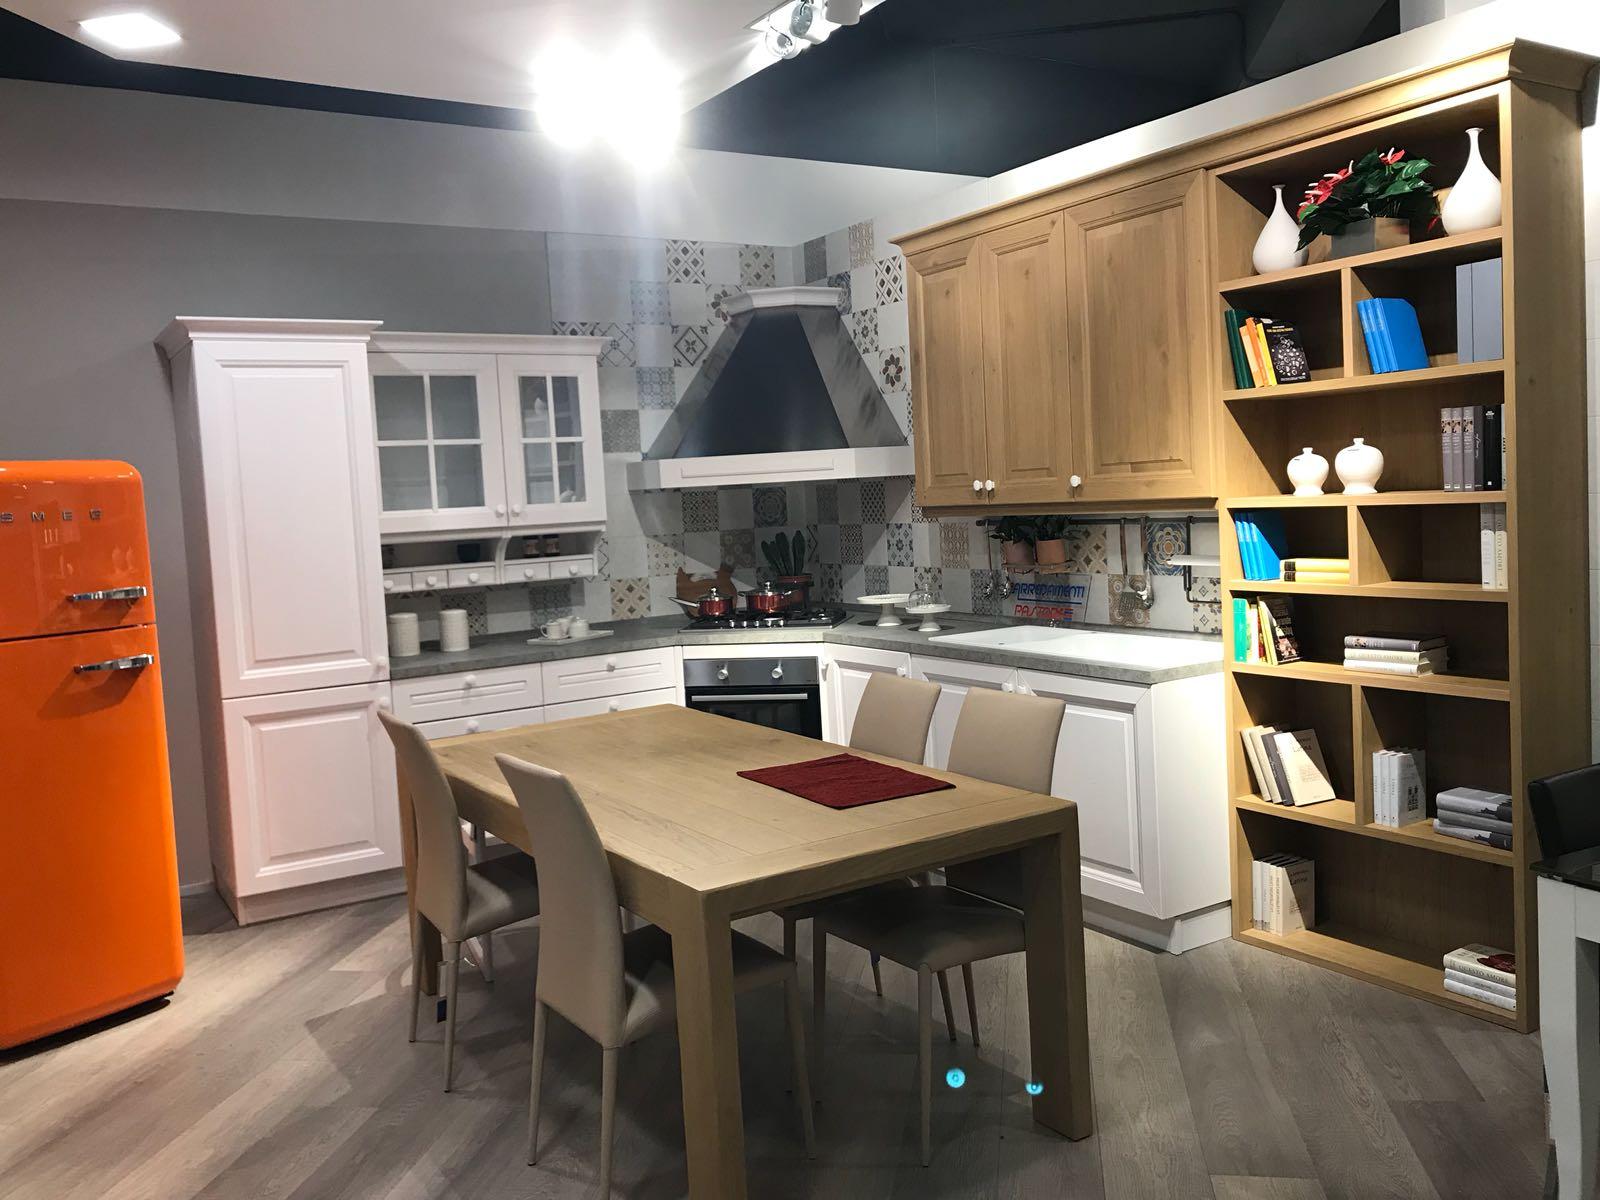 Modello cucine 4 arredamenti pastore for Pastore arredamenti